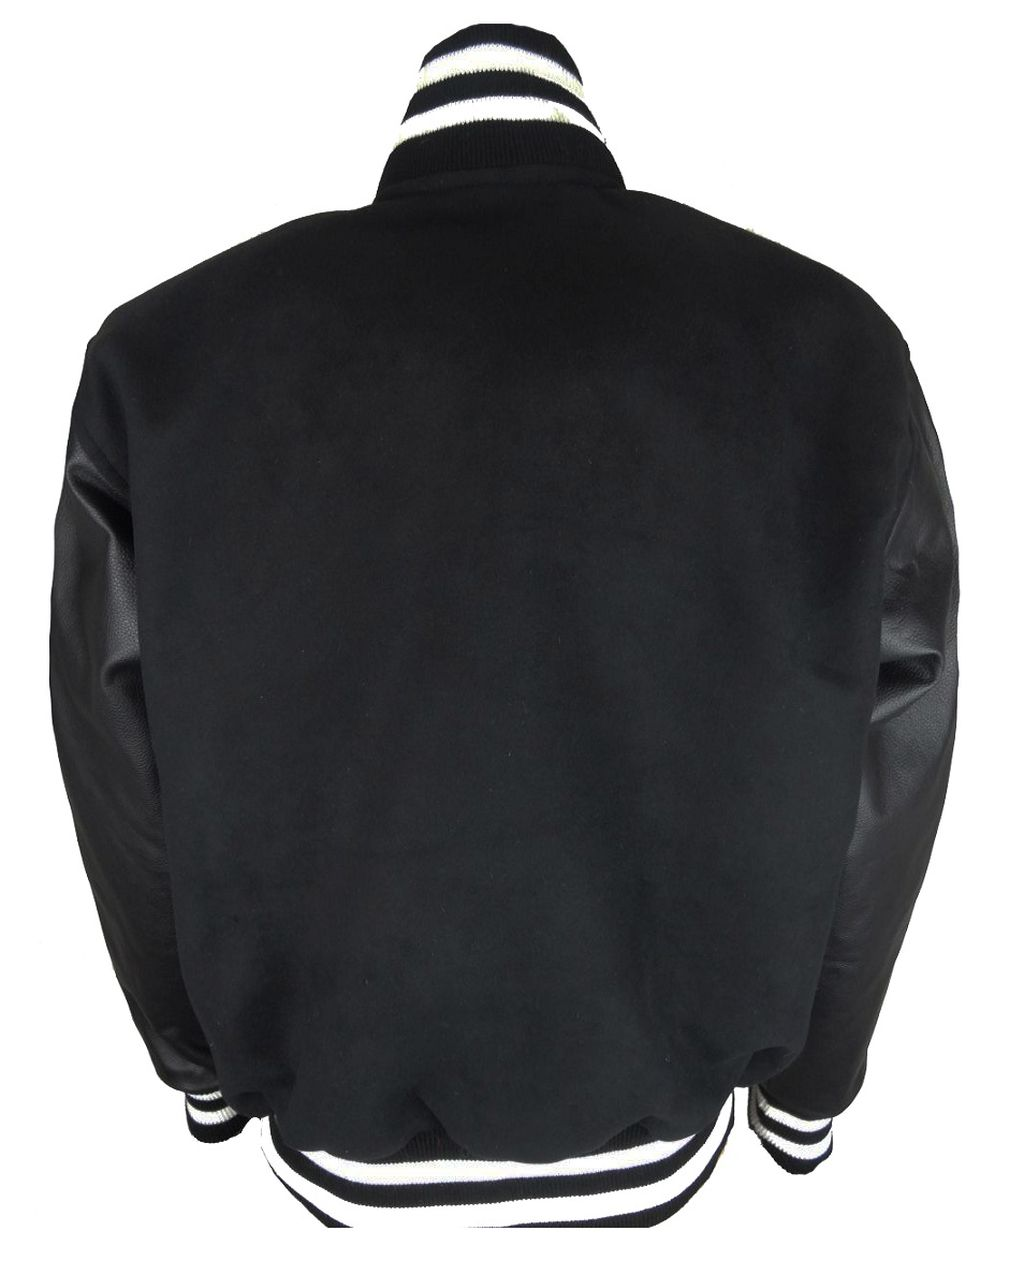 Herren College Jacke Sweat Jacke mit Leder Ärmel Schwarz XS - 6 XL